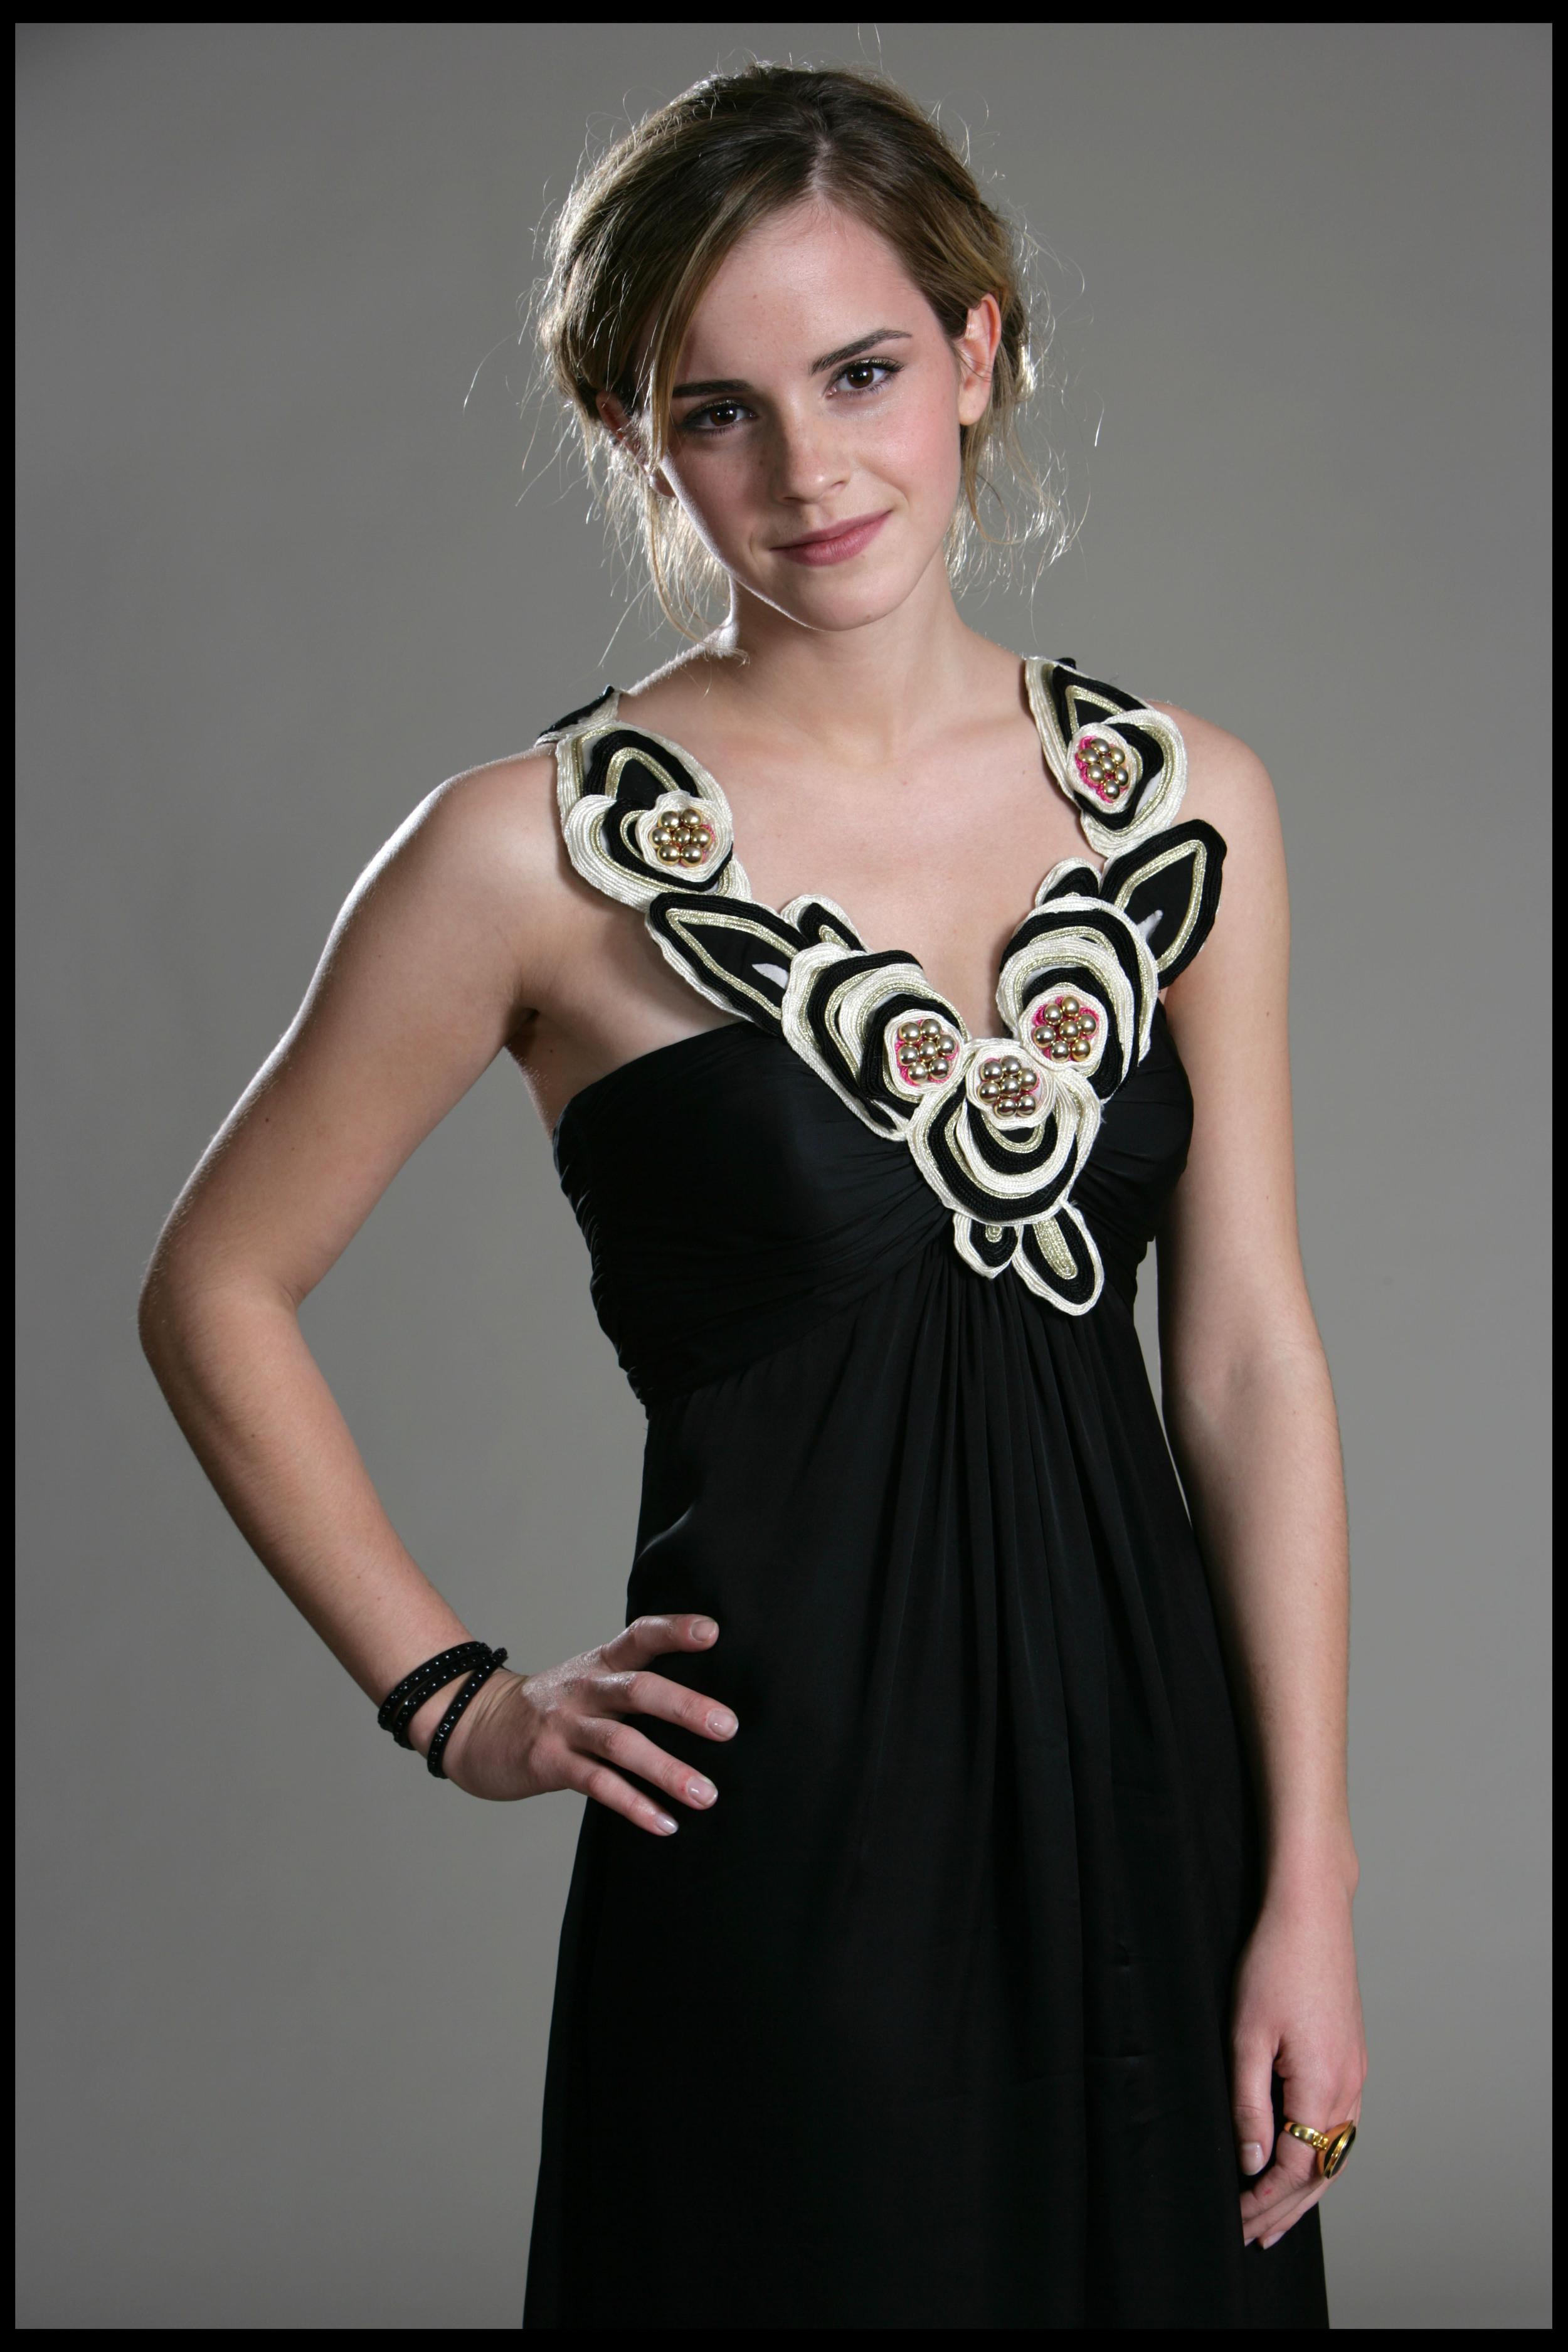 Emma Watson, actress